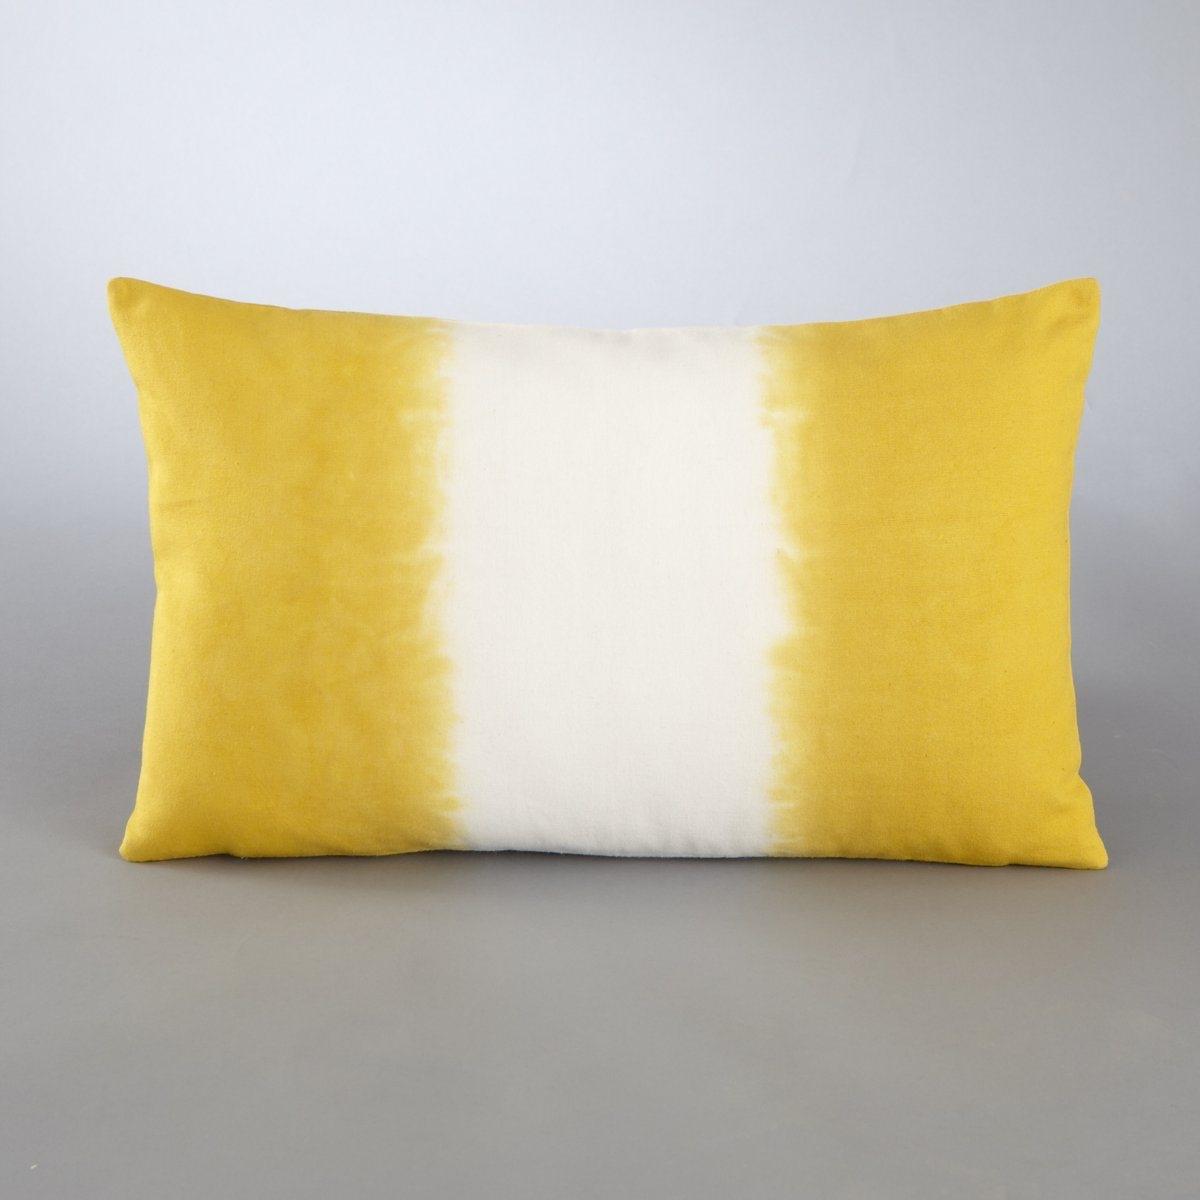 Чехол для подушкиЧехол для подушки Tonin. Оригинальная расцветка tye&amp;dye! Рисунок с обеих сторон. Скрытая застежка на молнию в тон сзади. Стирка при 30°. 100% хлопка. Размер: 50 х 30 см.<br><br>Цвет: желтый горчичный/белый,индиго/белый<br>Размер: 50 x 30 см